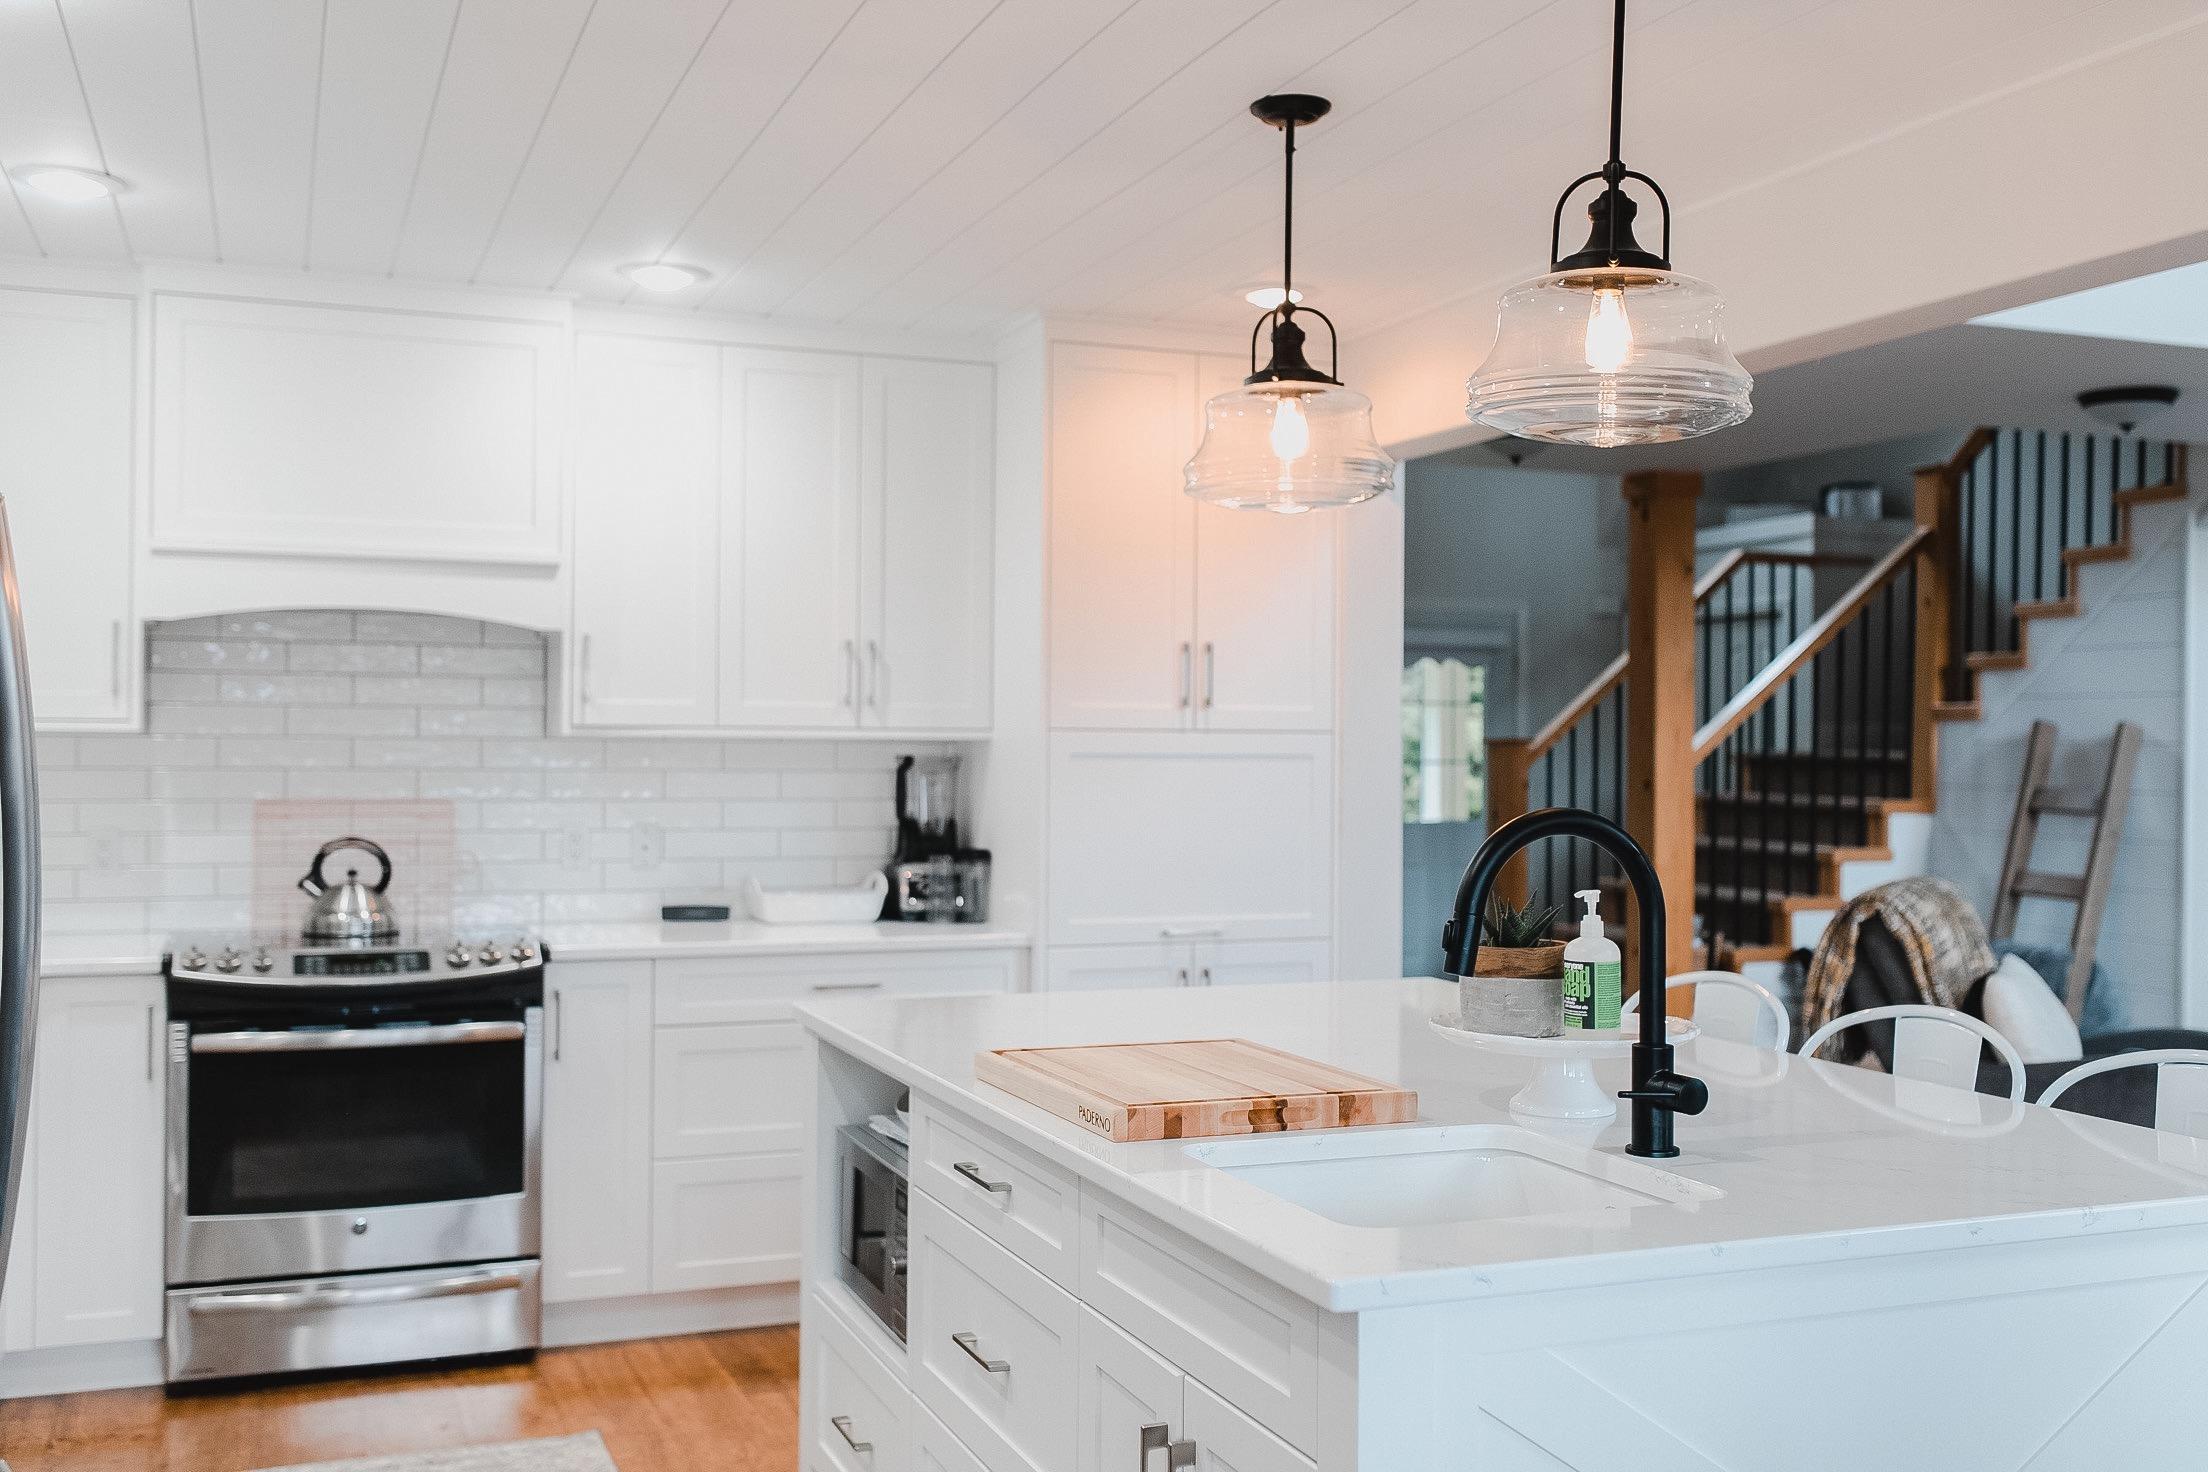 Modern Farmhouse kitchen renovation